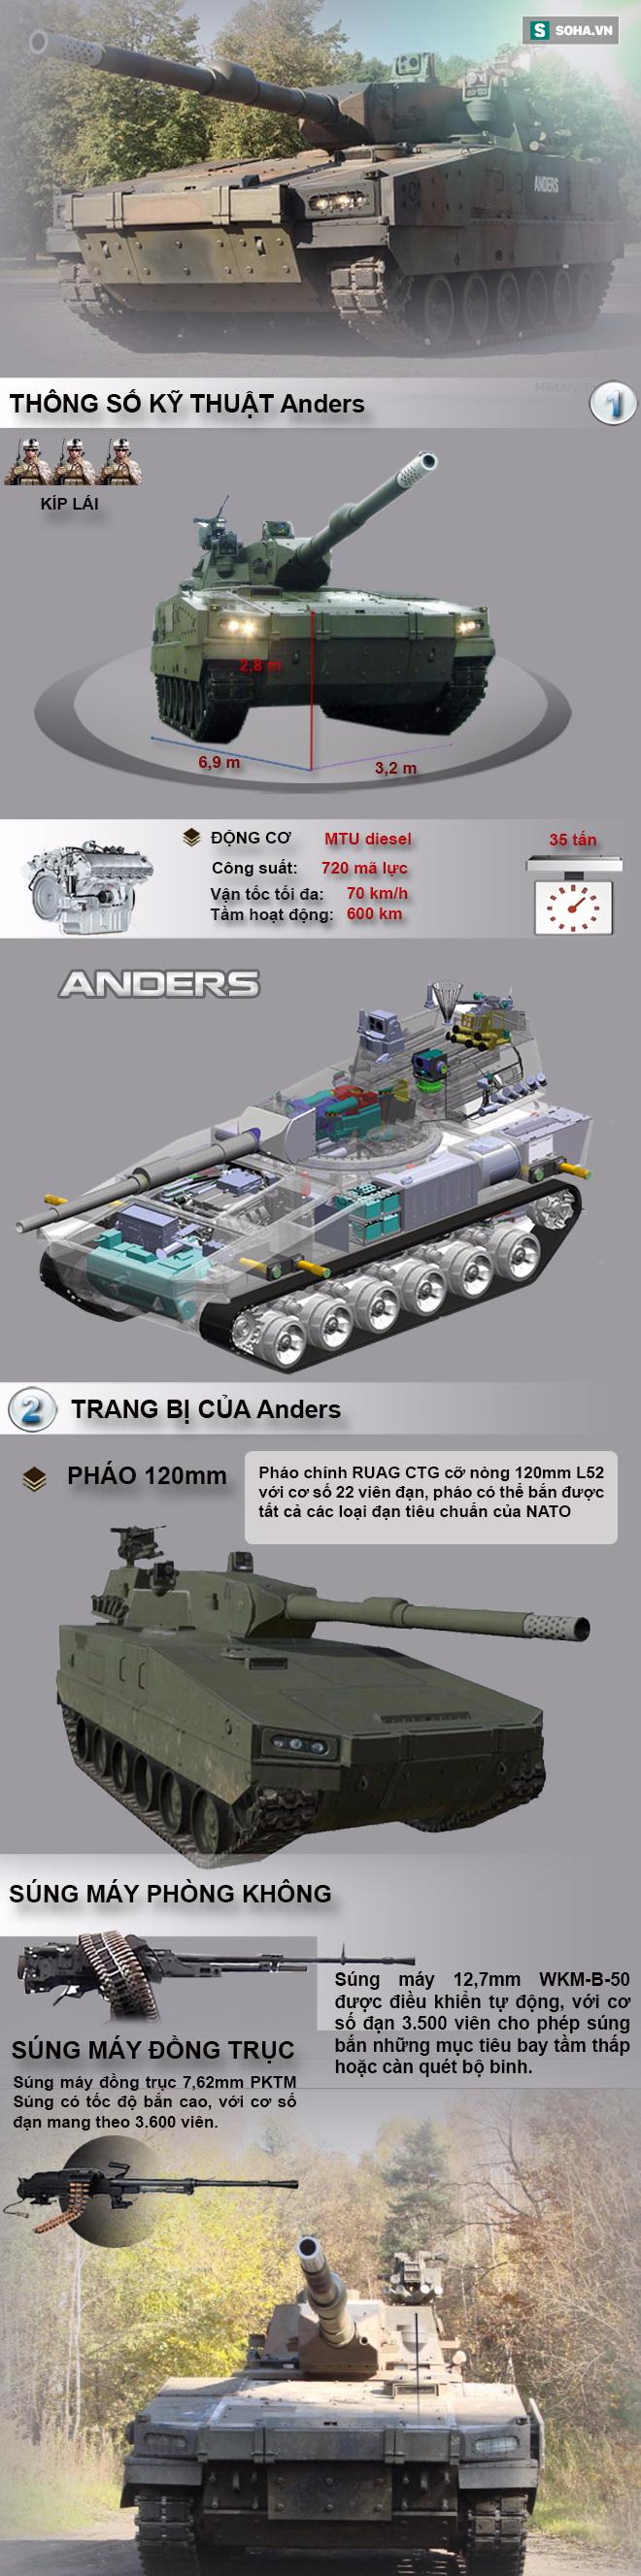 Xe tăng hạng nhẹ trang bị tháp pháo tự động của Ba Lan khiến Armata phải kính nể .